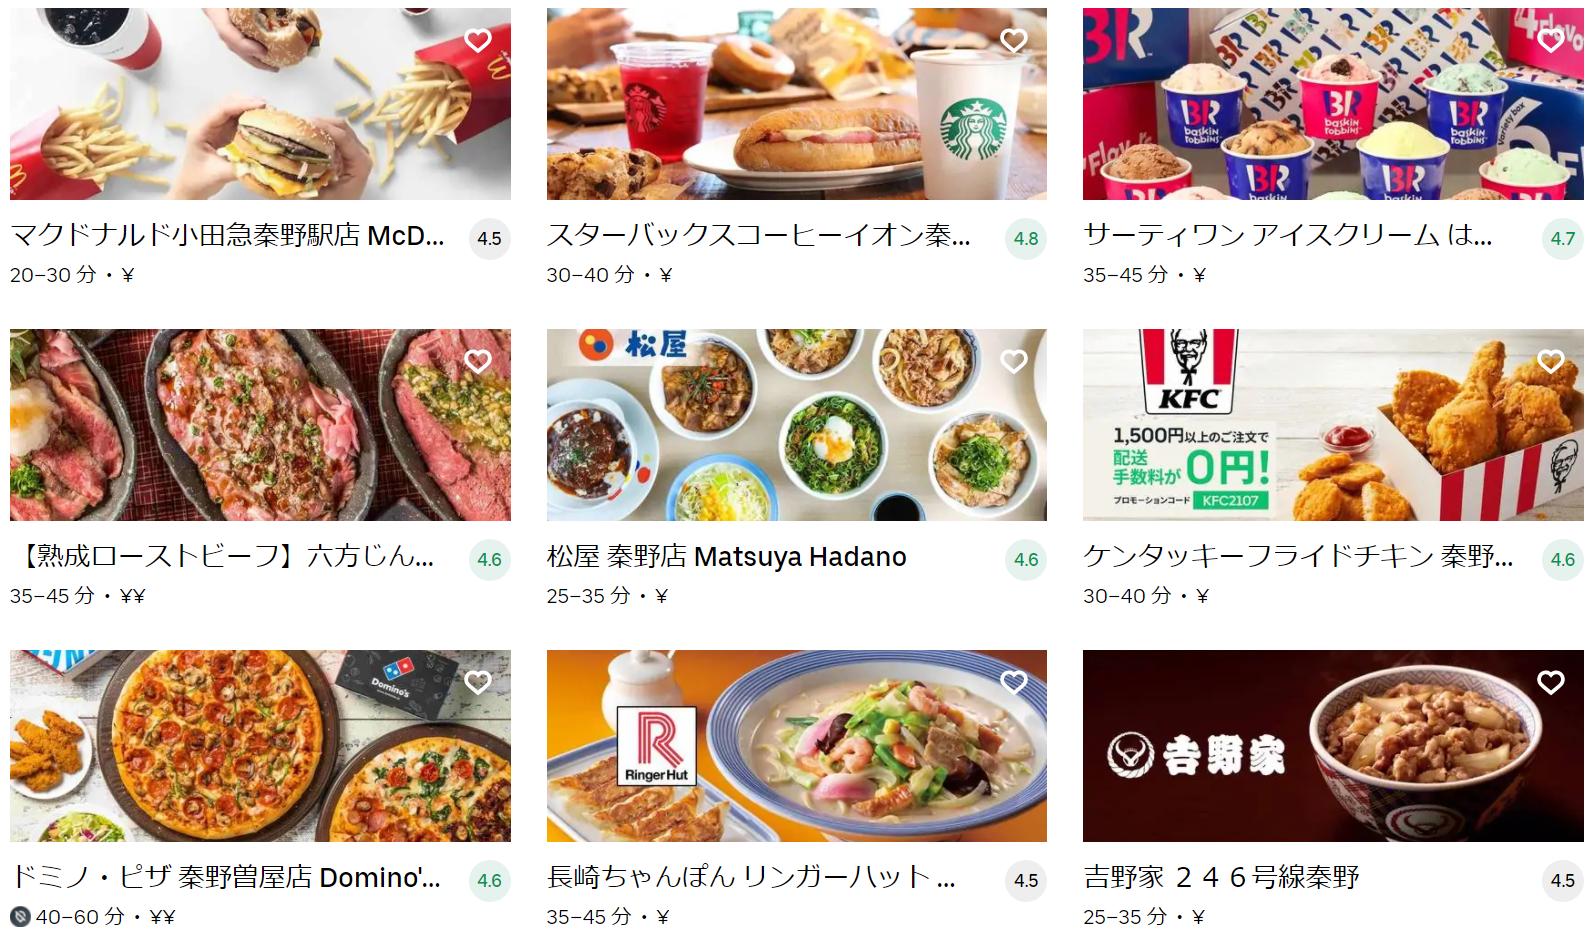 秦野市エリアのおすすめUber Eats(ウーバーイーツ)メニュー